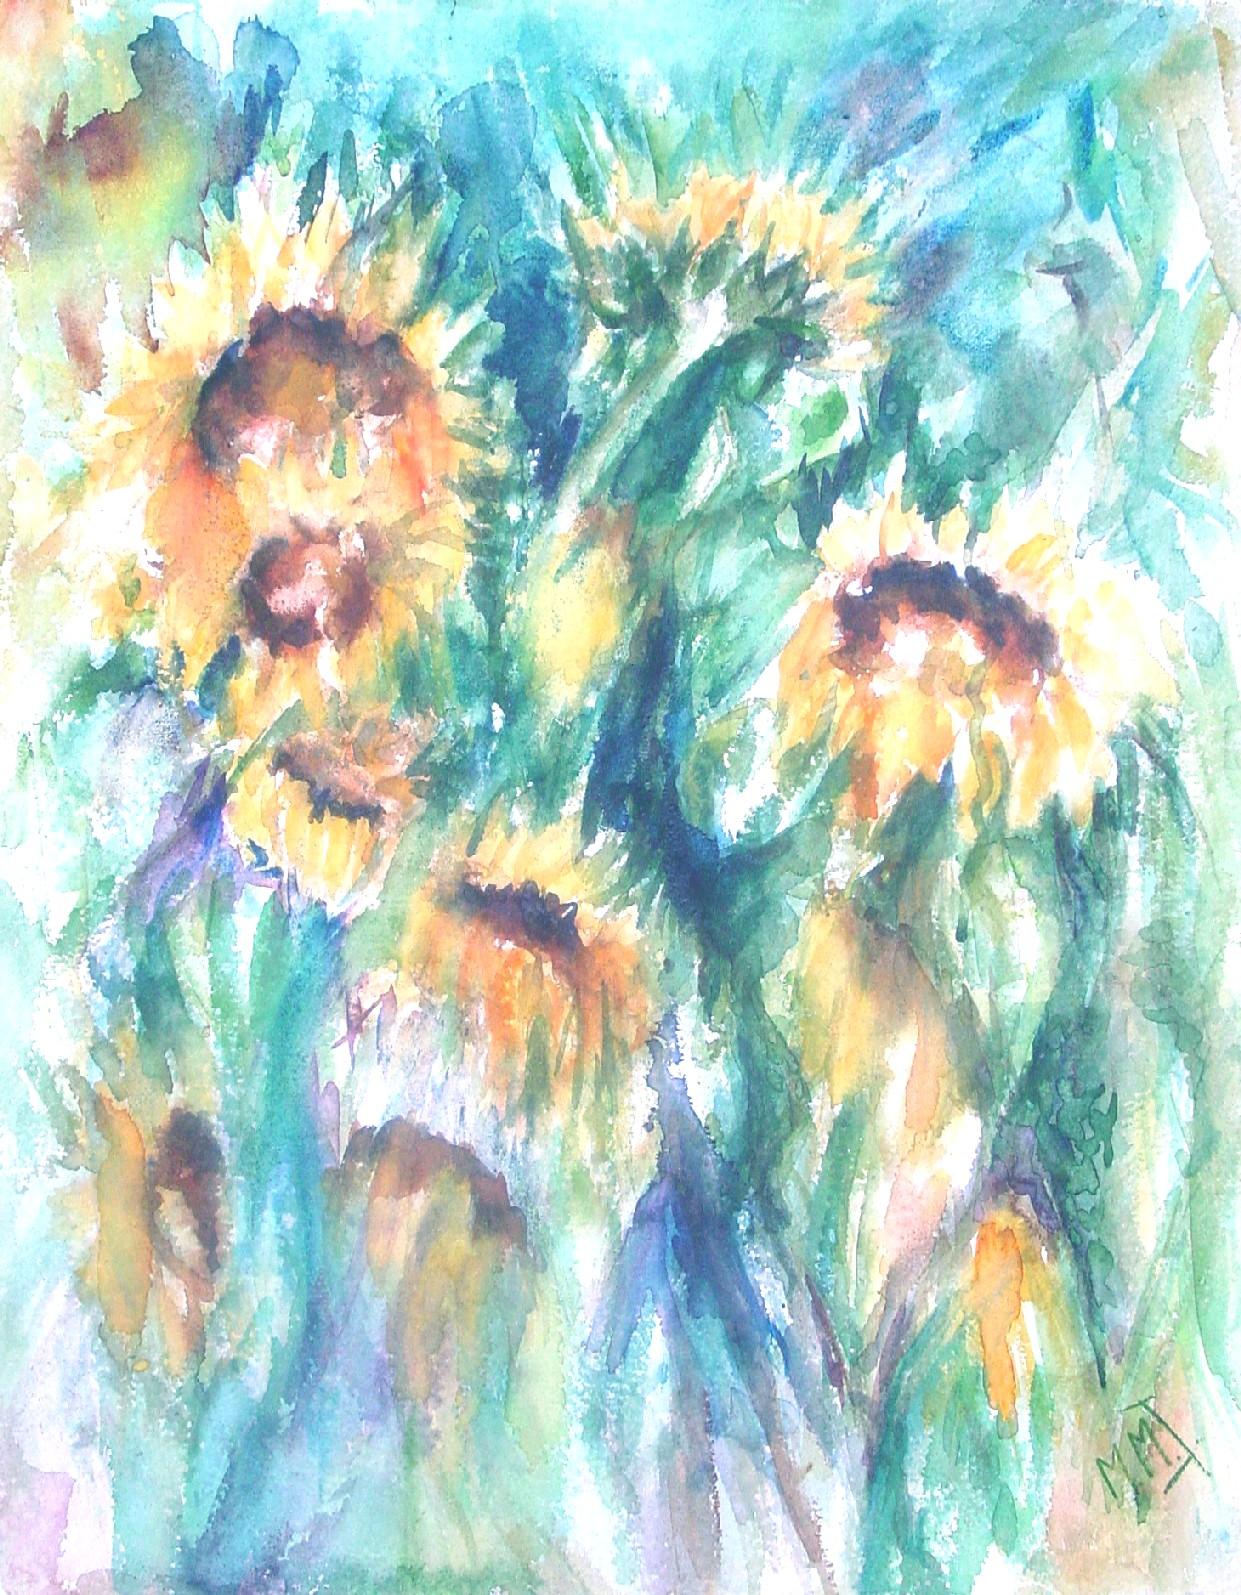 Zonnebloemen, aquarel op handgeschept papier, 51 x 66 cm, 2000